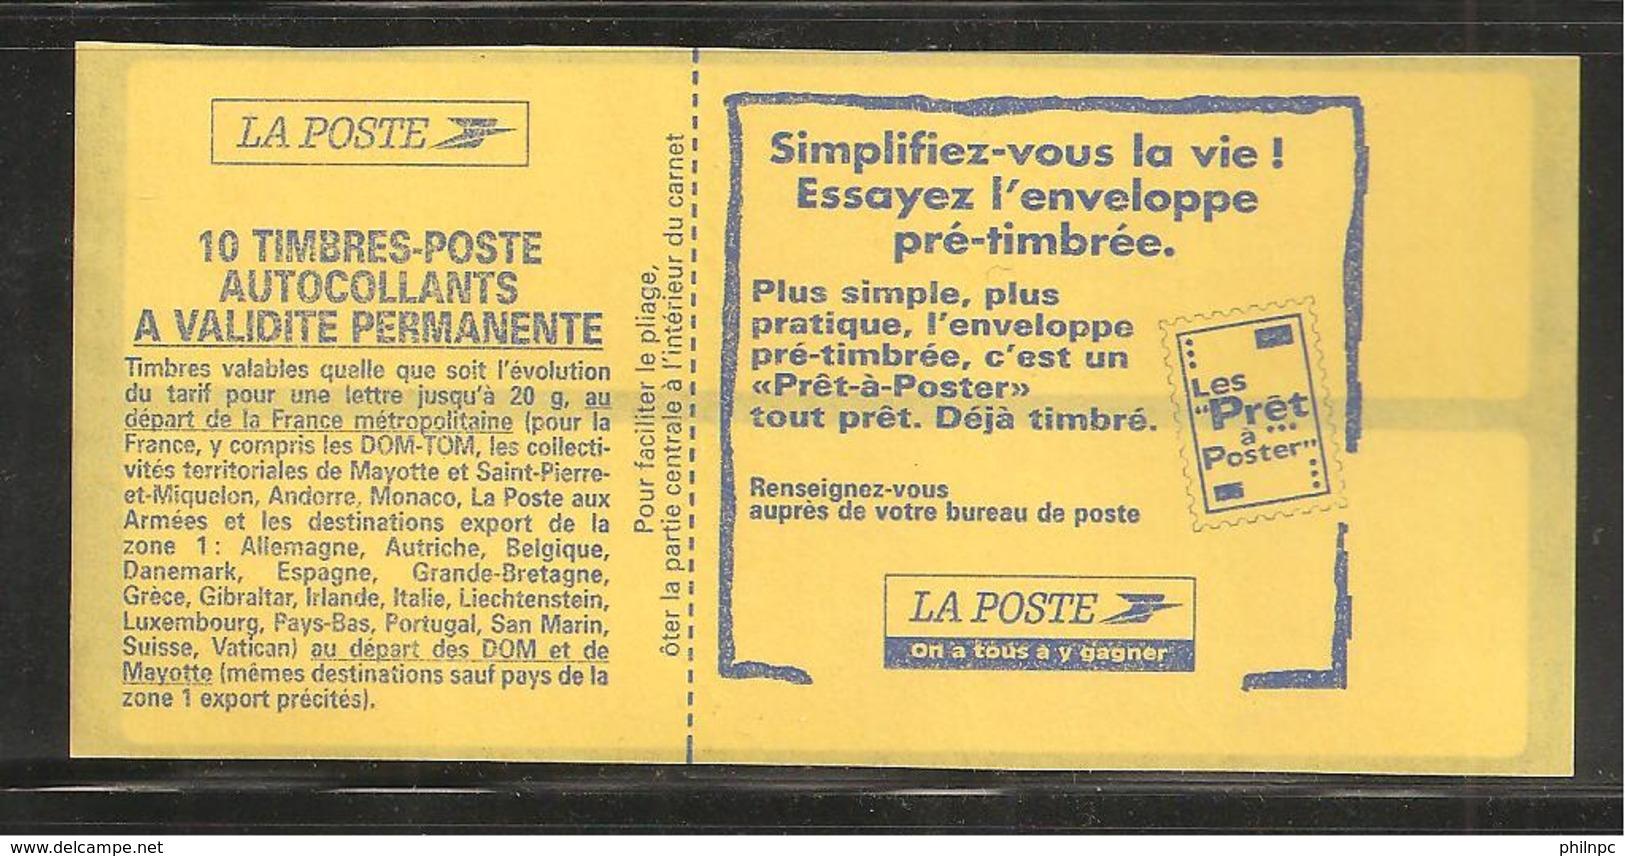 France, 2874-C8, Daté, Carnet Neuf, Non Plié, TTB, Sagem, Essayez L'enveloppe Pré-timbrée, Carnet Marianne De Briat - Usage Courant